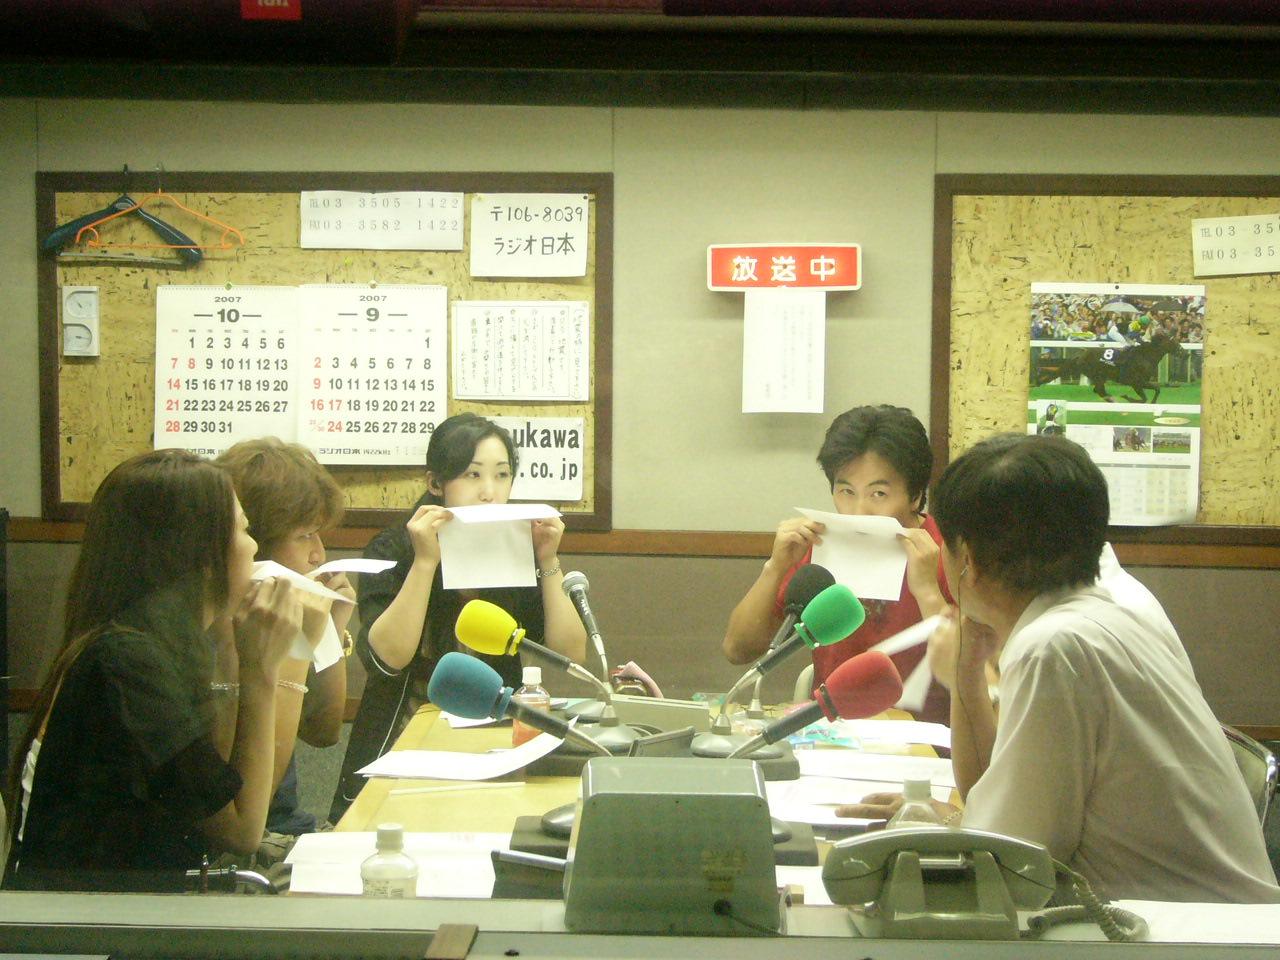 ラジオ日本1422kHz『敏と直樹と...